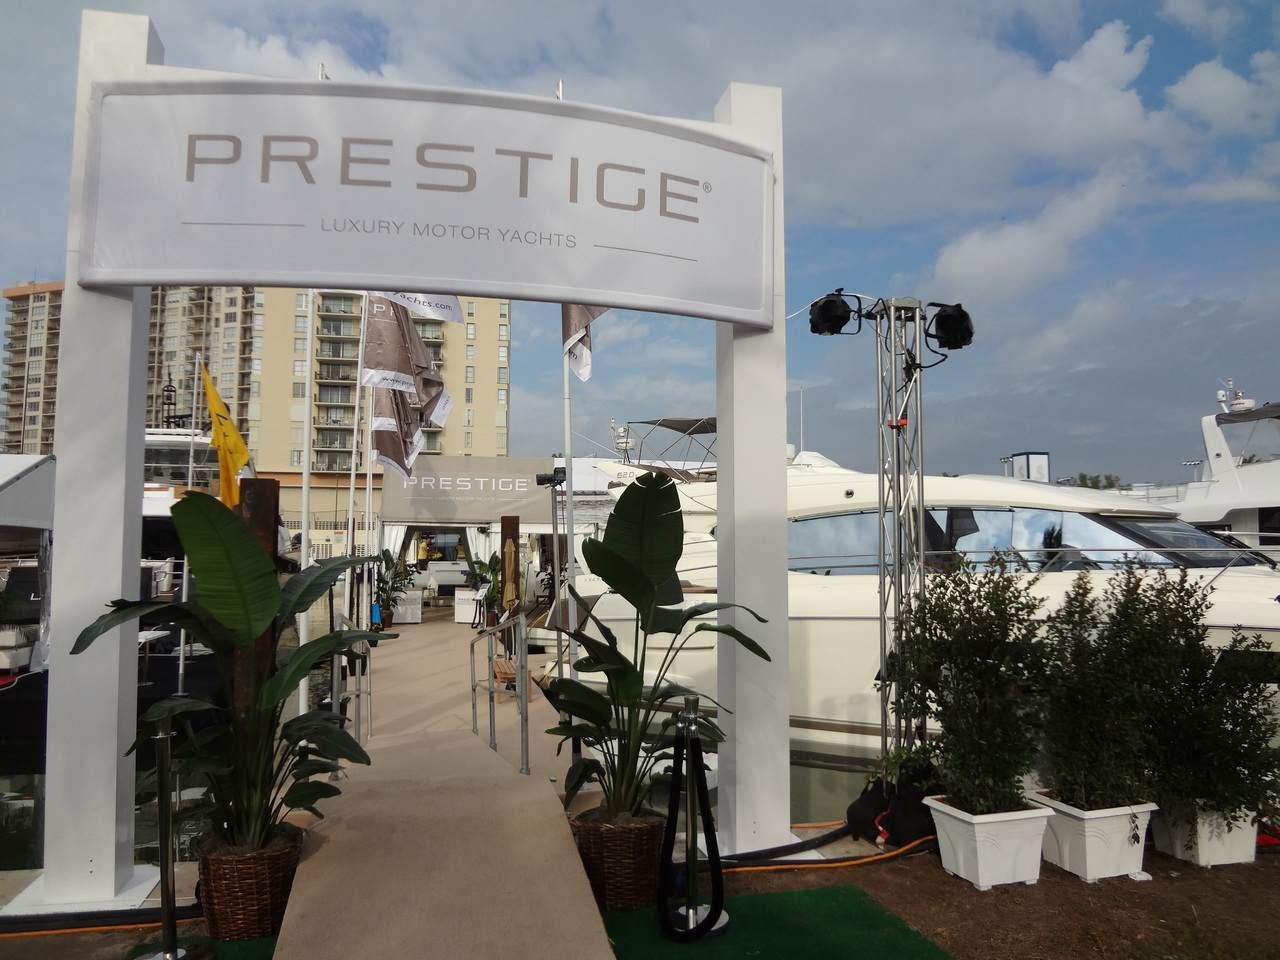 PRESTIGE in Miami Boatshow 2013 2